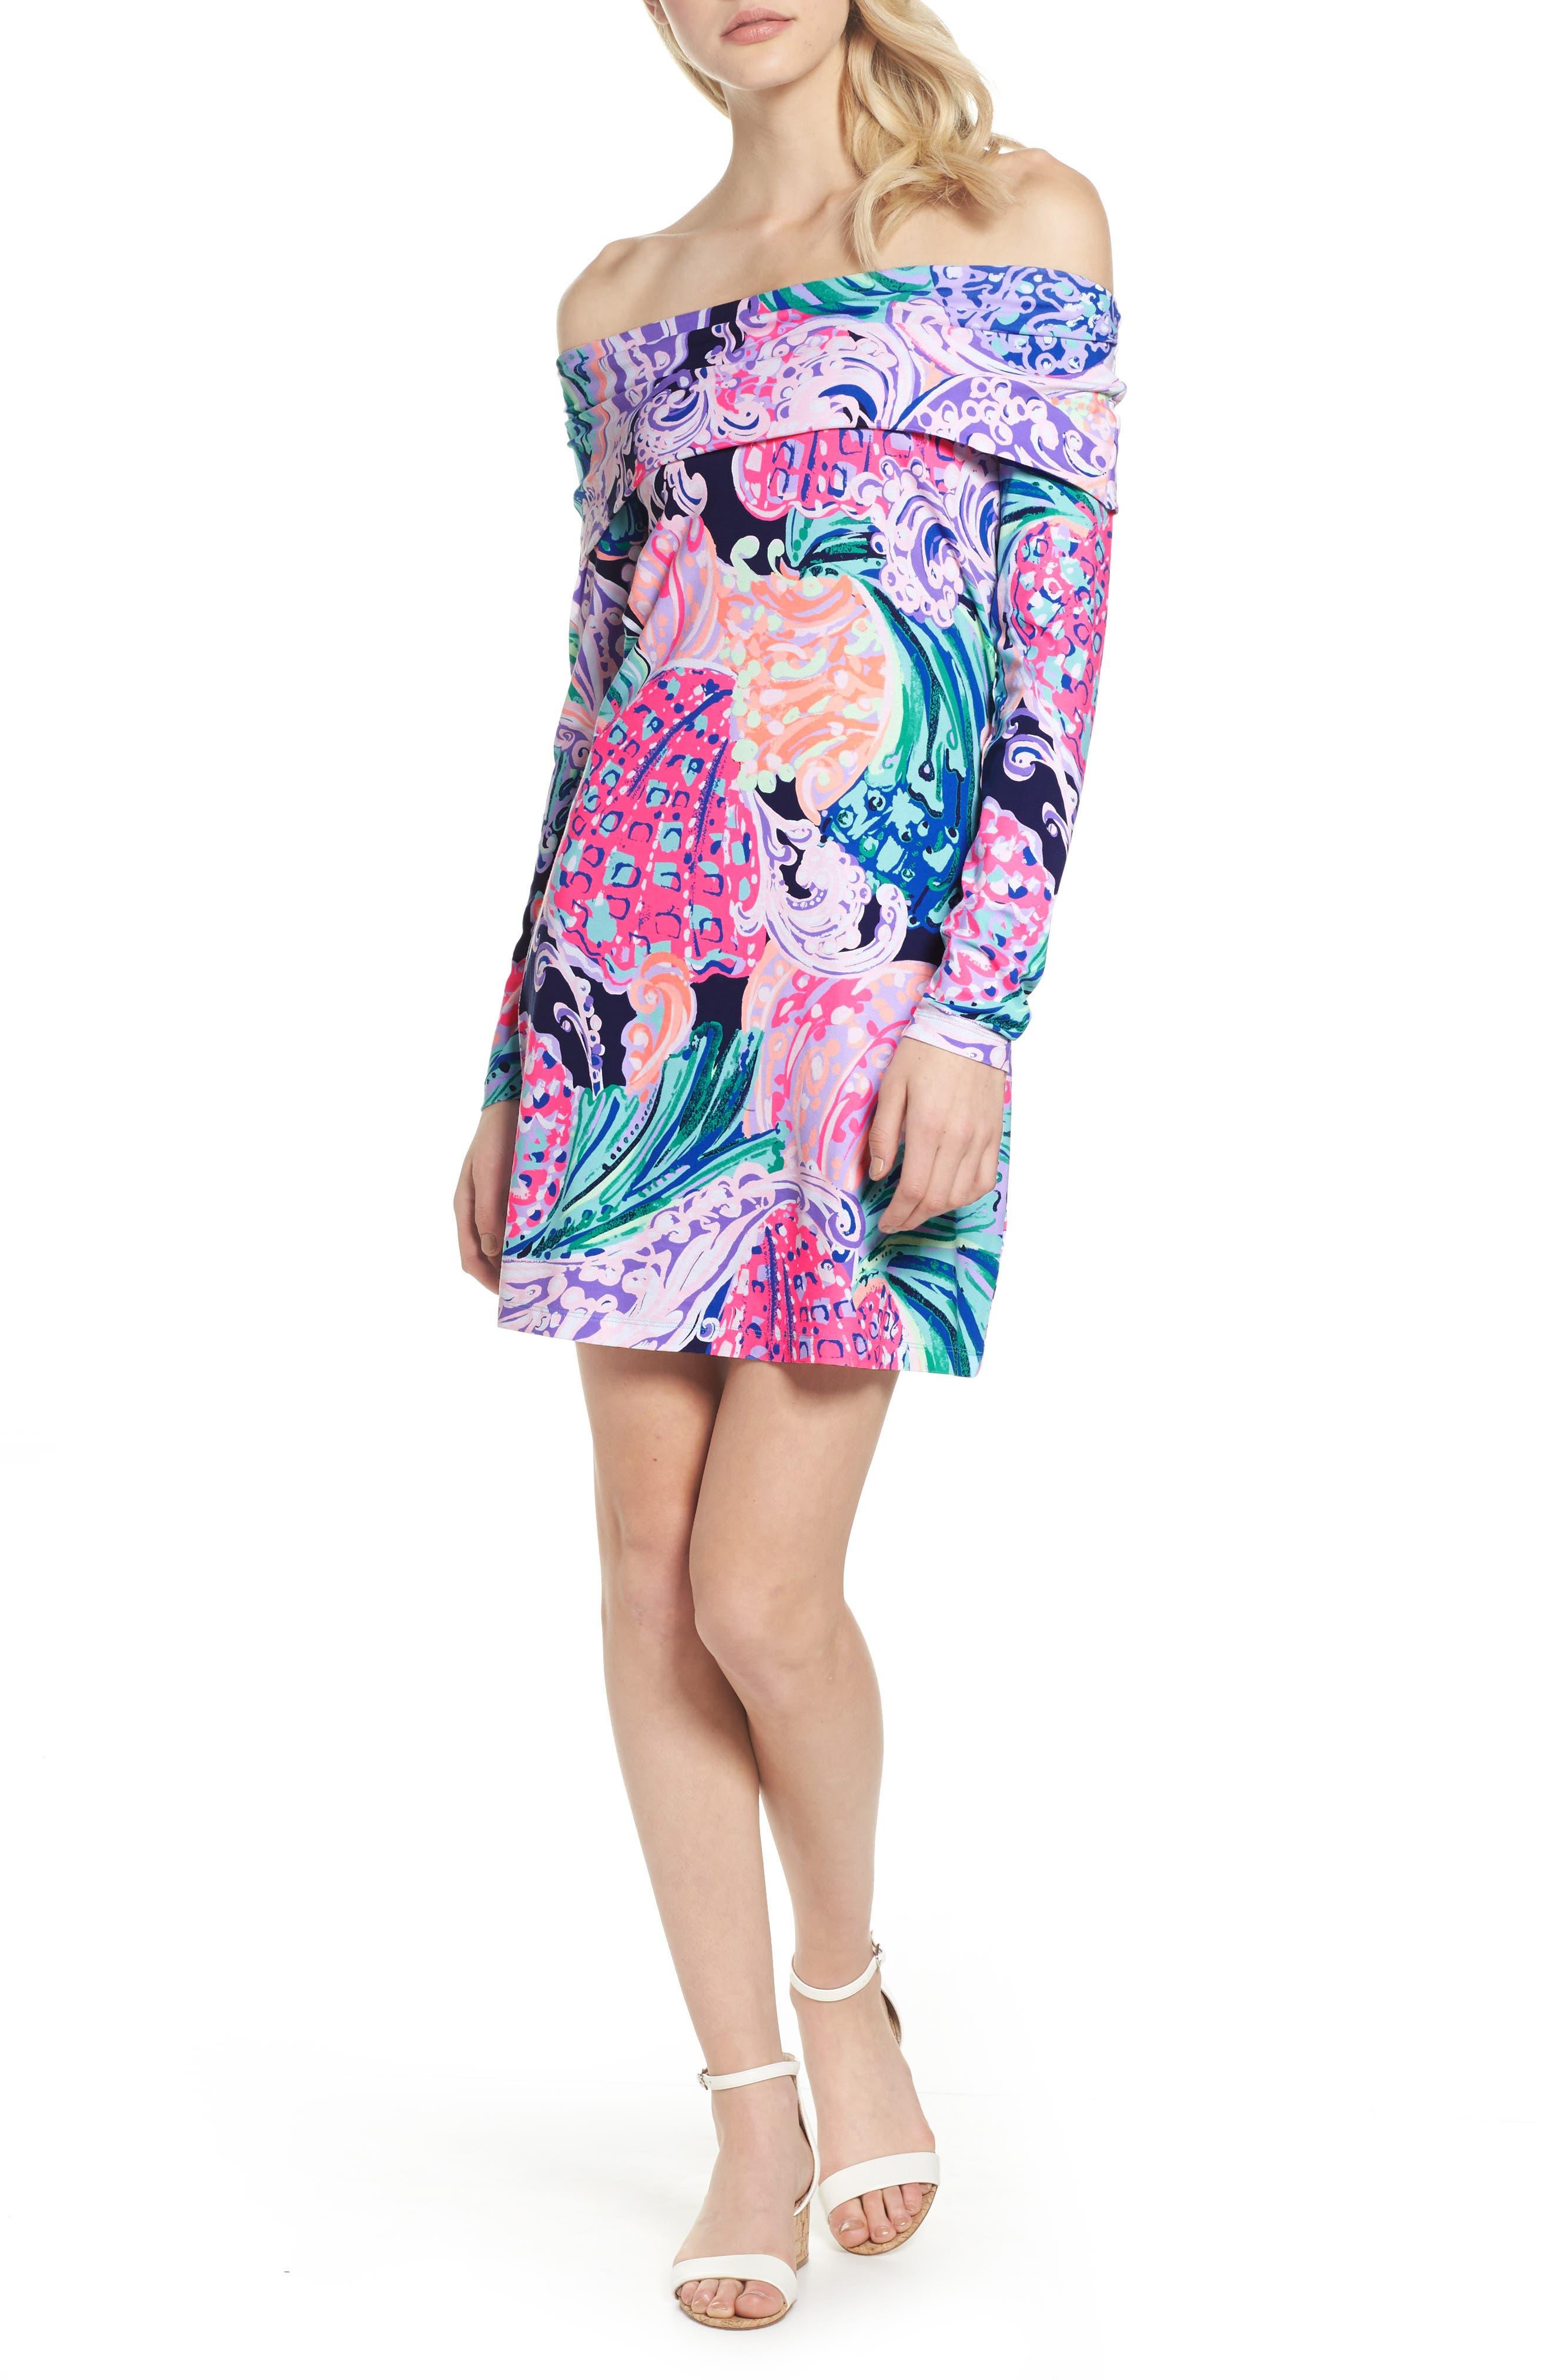 Trisha Off the Shoulder Dress,                         Main,                         color, 599